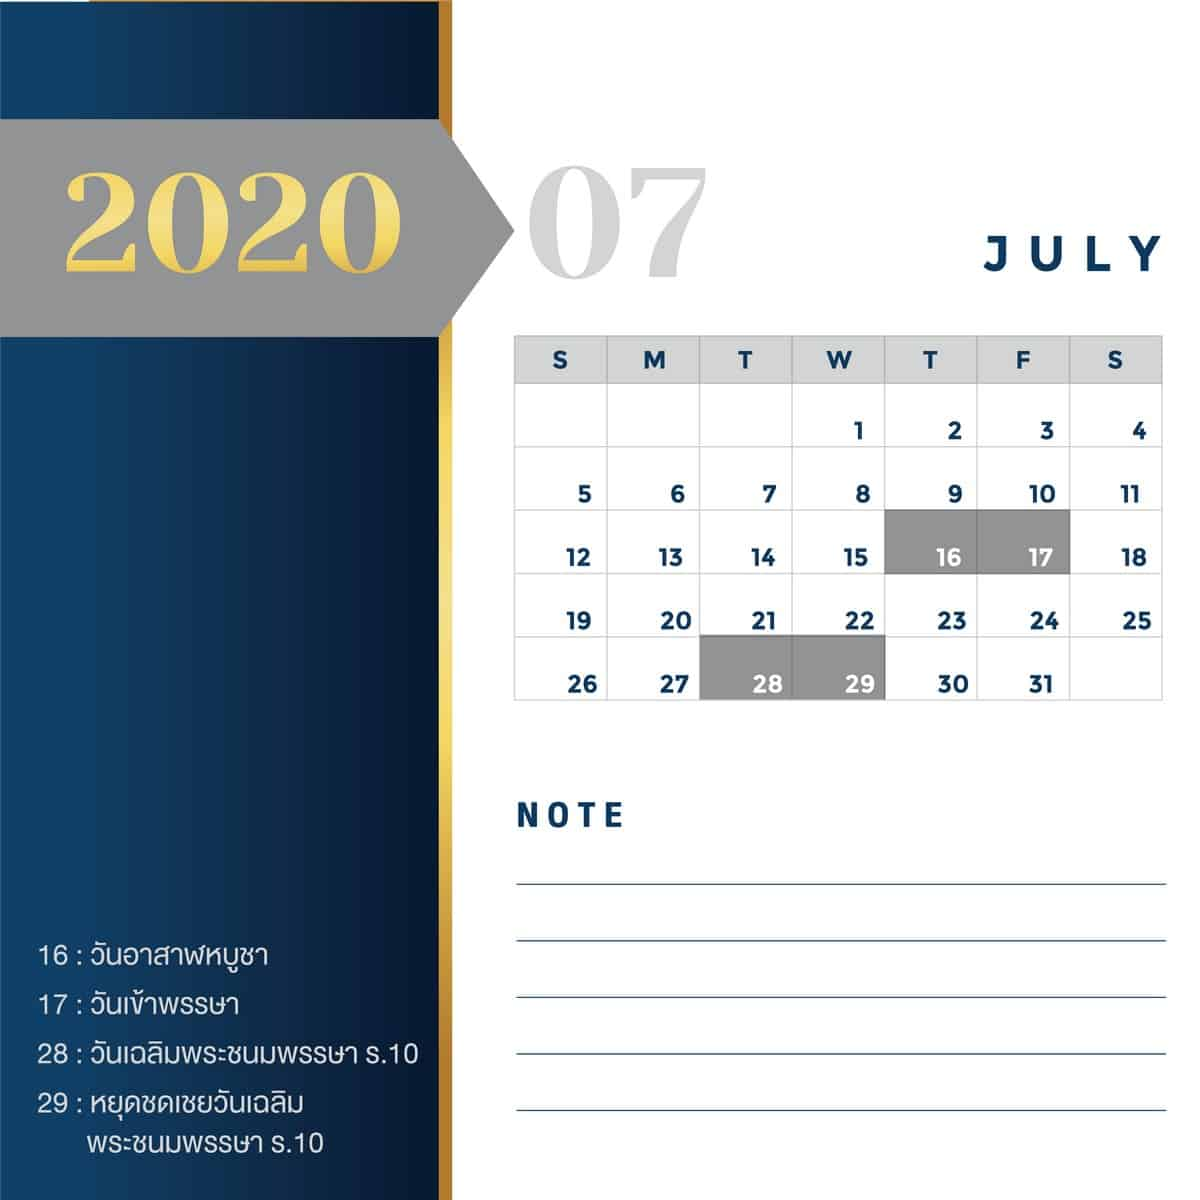 Calendar Miw Services-07